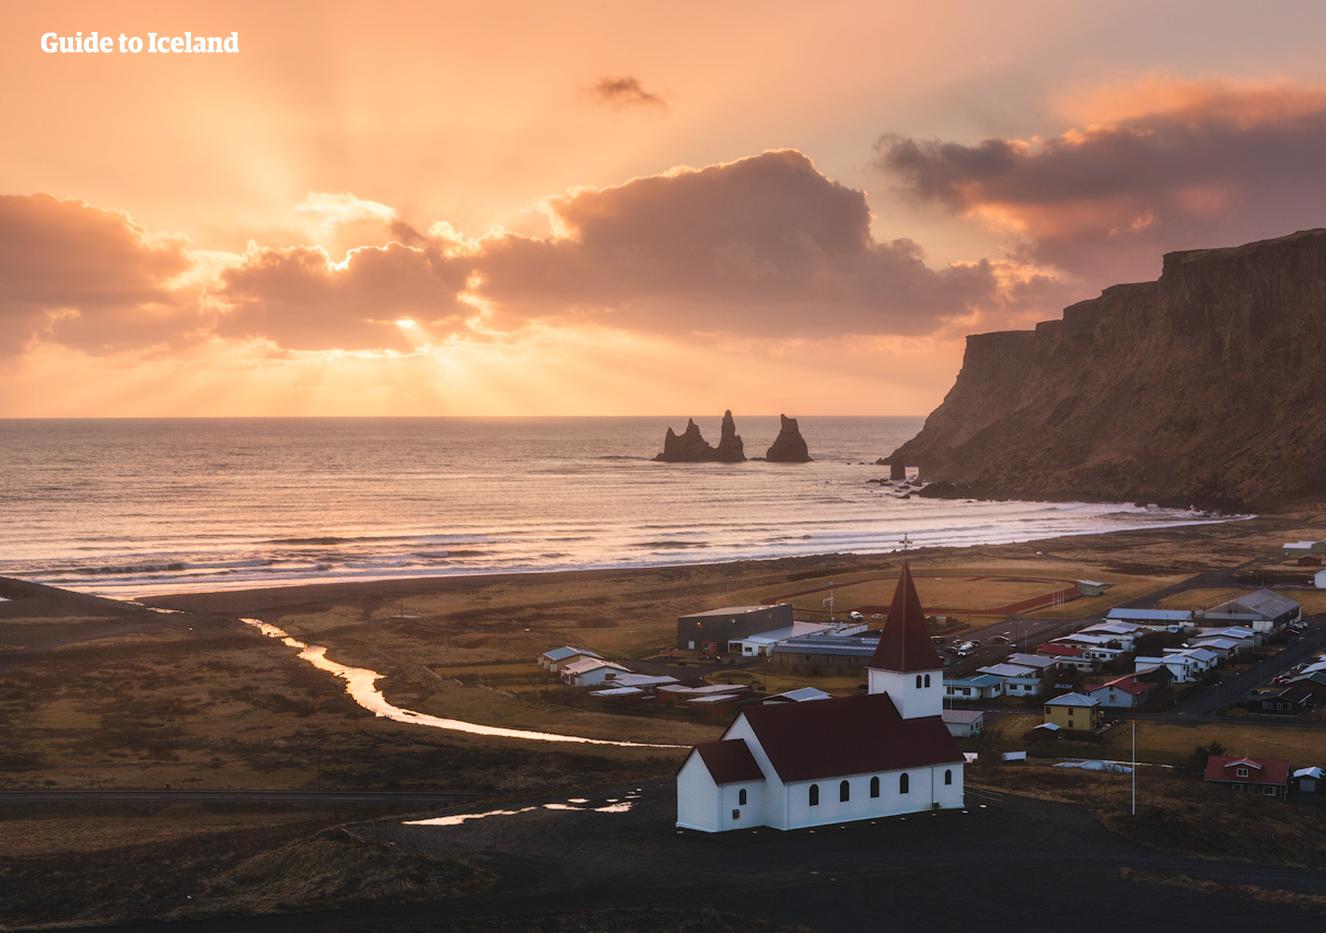 Wer auf seiner Mietwagen-Rundreise im Südosten Islands unterwegs ist, sollte unbedingt das Naturreservat Skaftafell besuchen und sich Sehenswürdigkeiten wie die Gletscherlagune Svinafellsjökull nicht entgehen lassen.